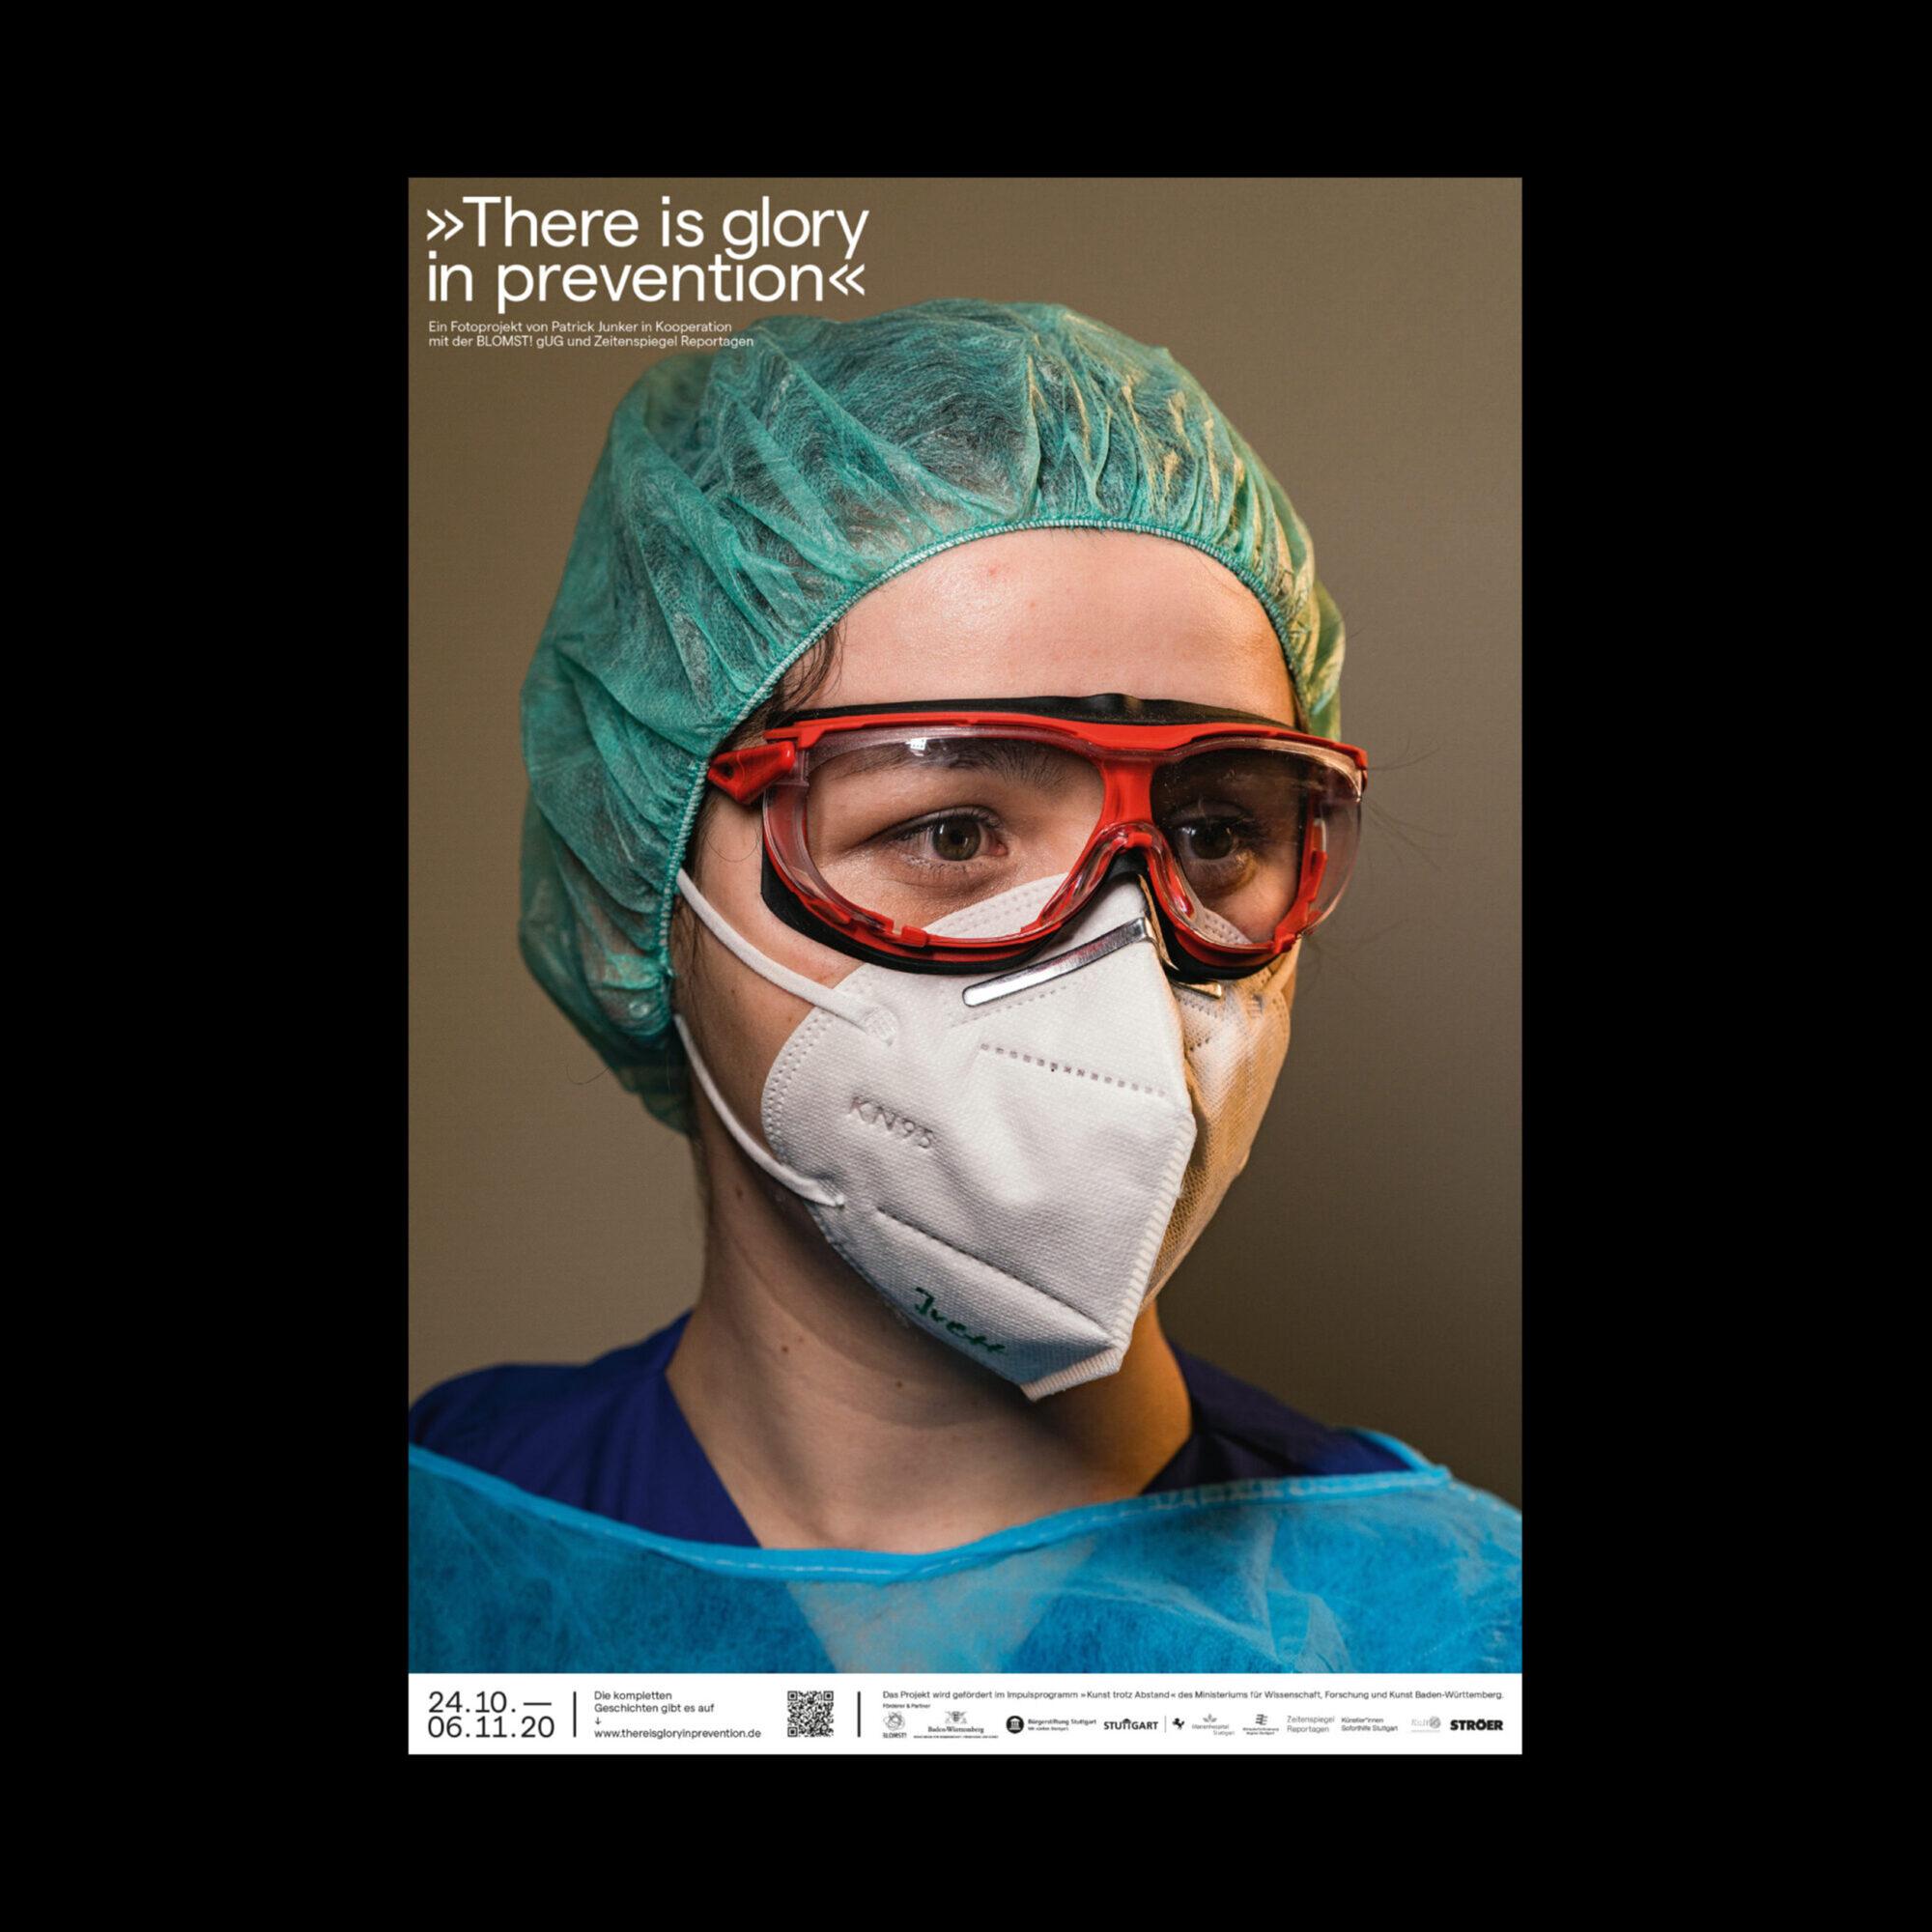 Frau mit corona maske in stuttgart portraitiert von Patrick junker